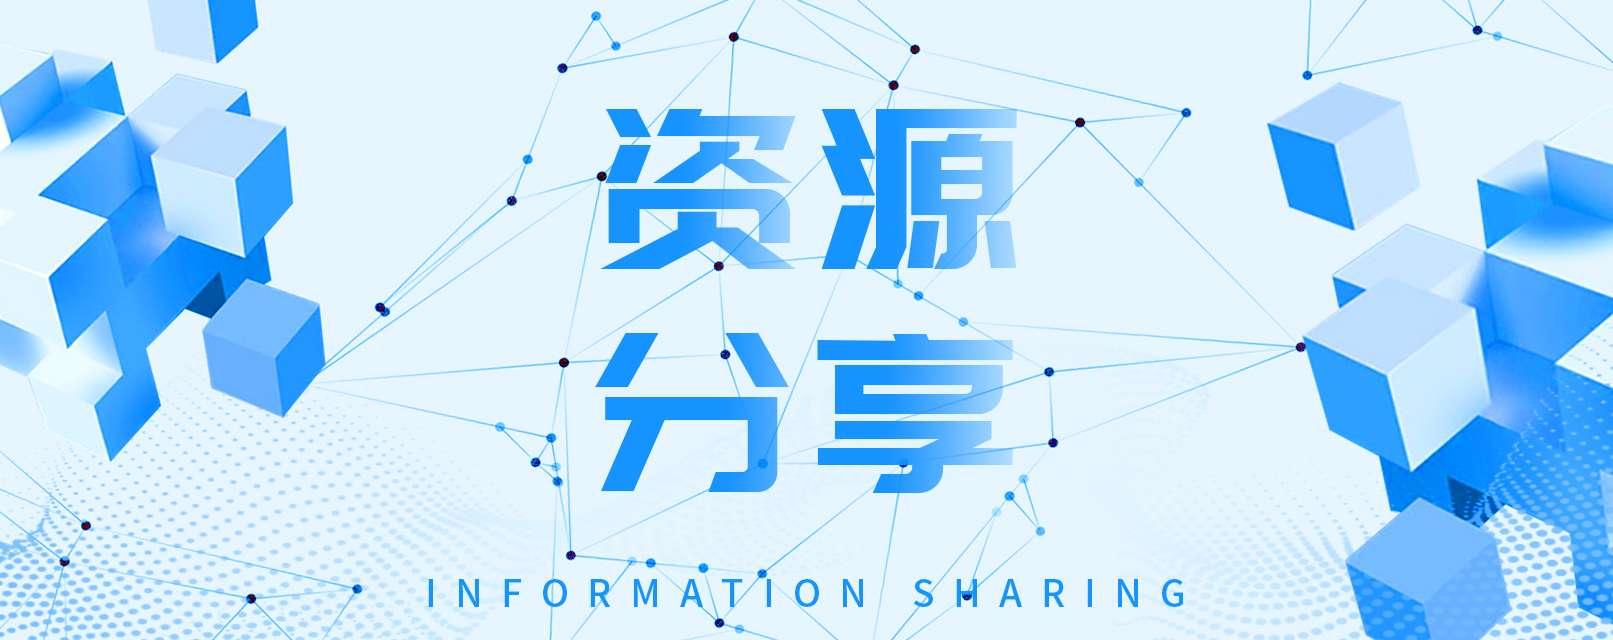 【资源分享】python编译器(手机上也能编写爬虫语言)